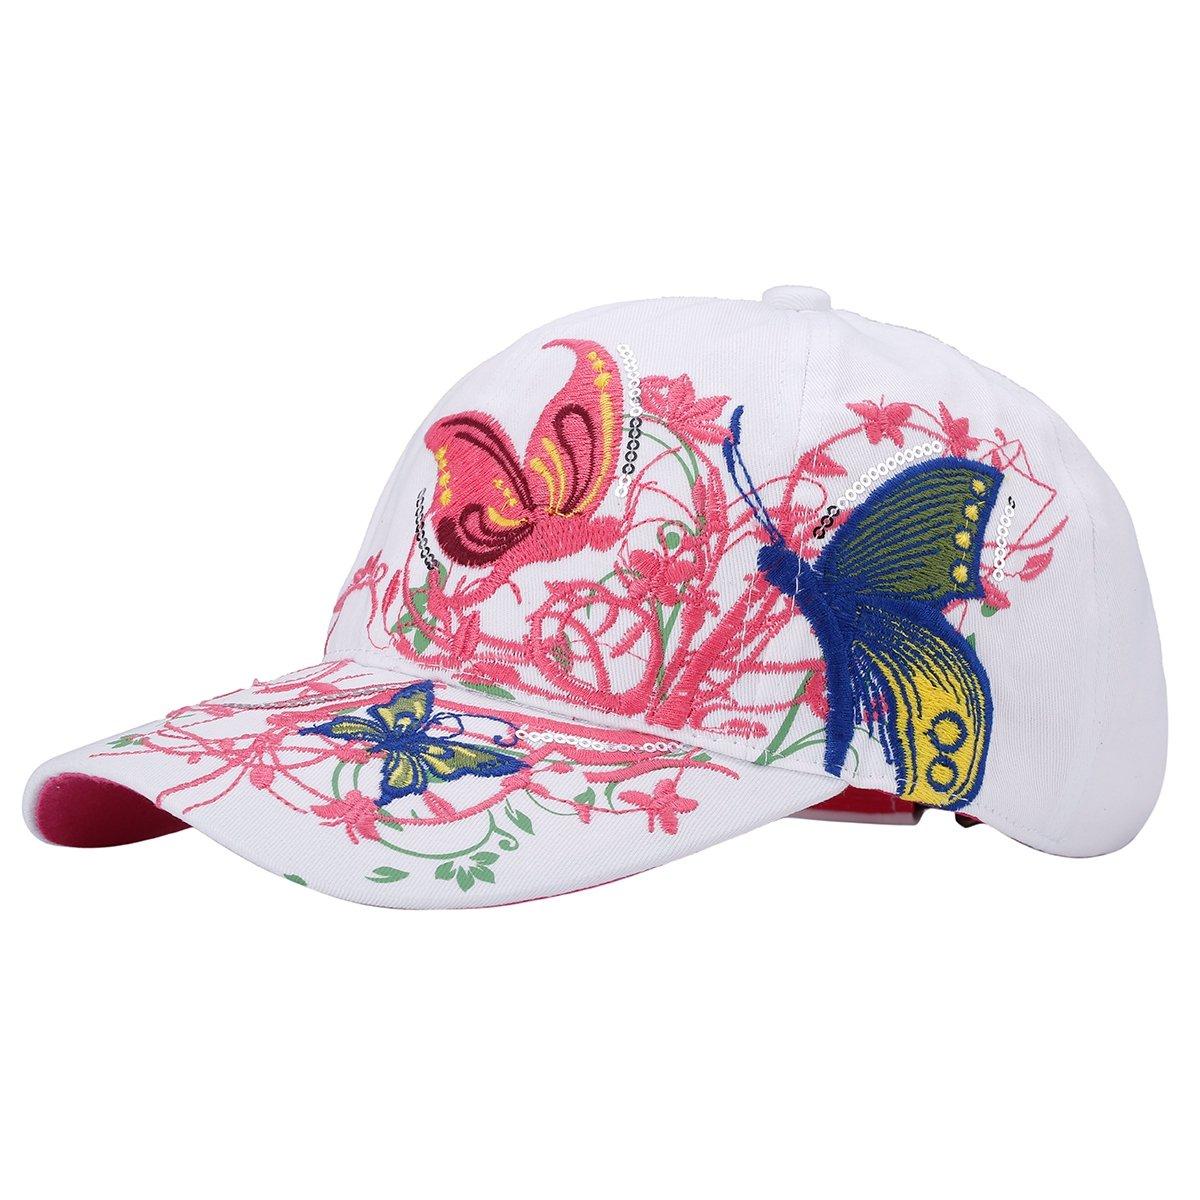 TININNA Casquette de Baseball Casquette de Baseball r/églable Motif Papillon Bonnet Casquette Trucker Casquette Chapeau Randonn/ée Chapeau pour Les Femmes Femme wei/ß